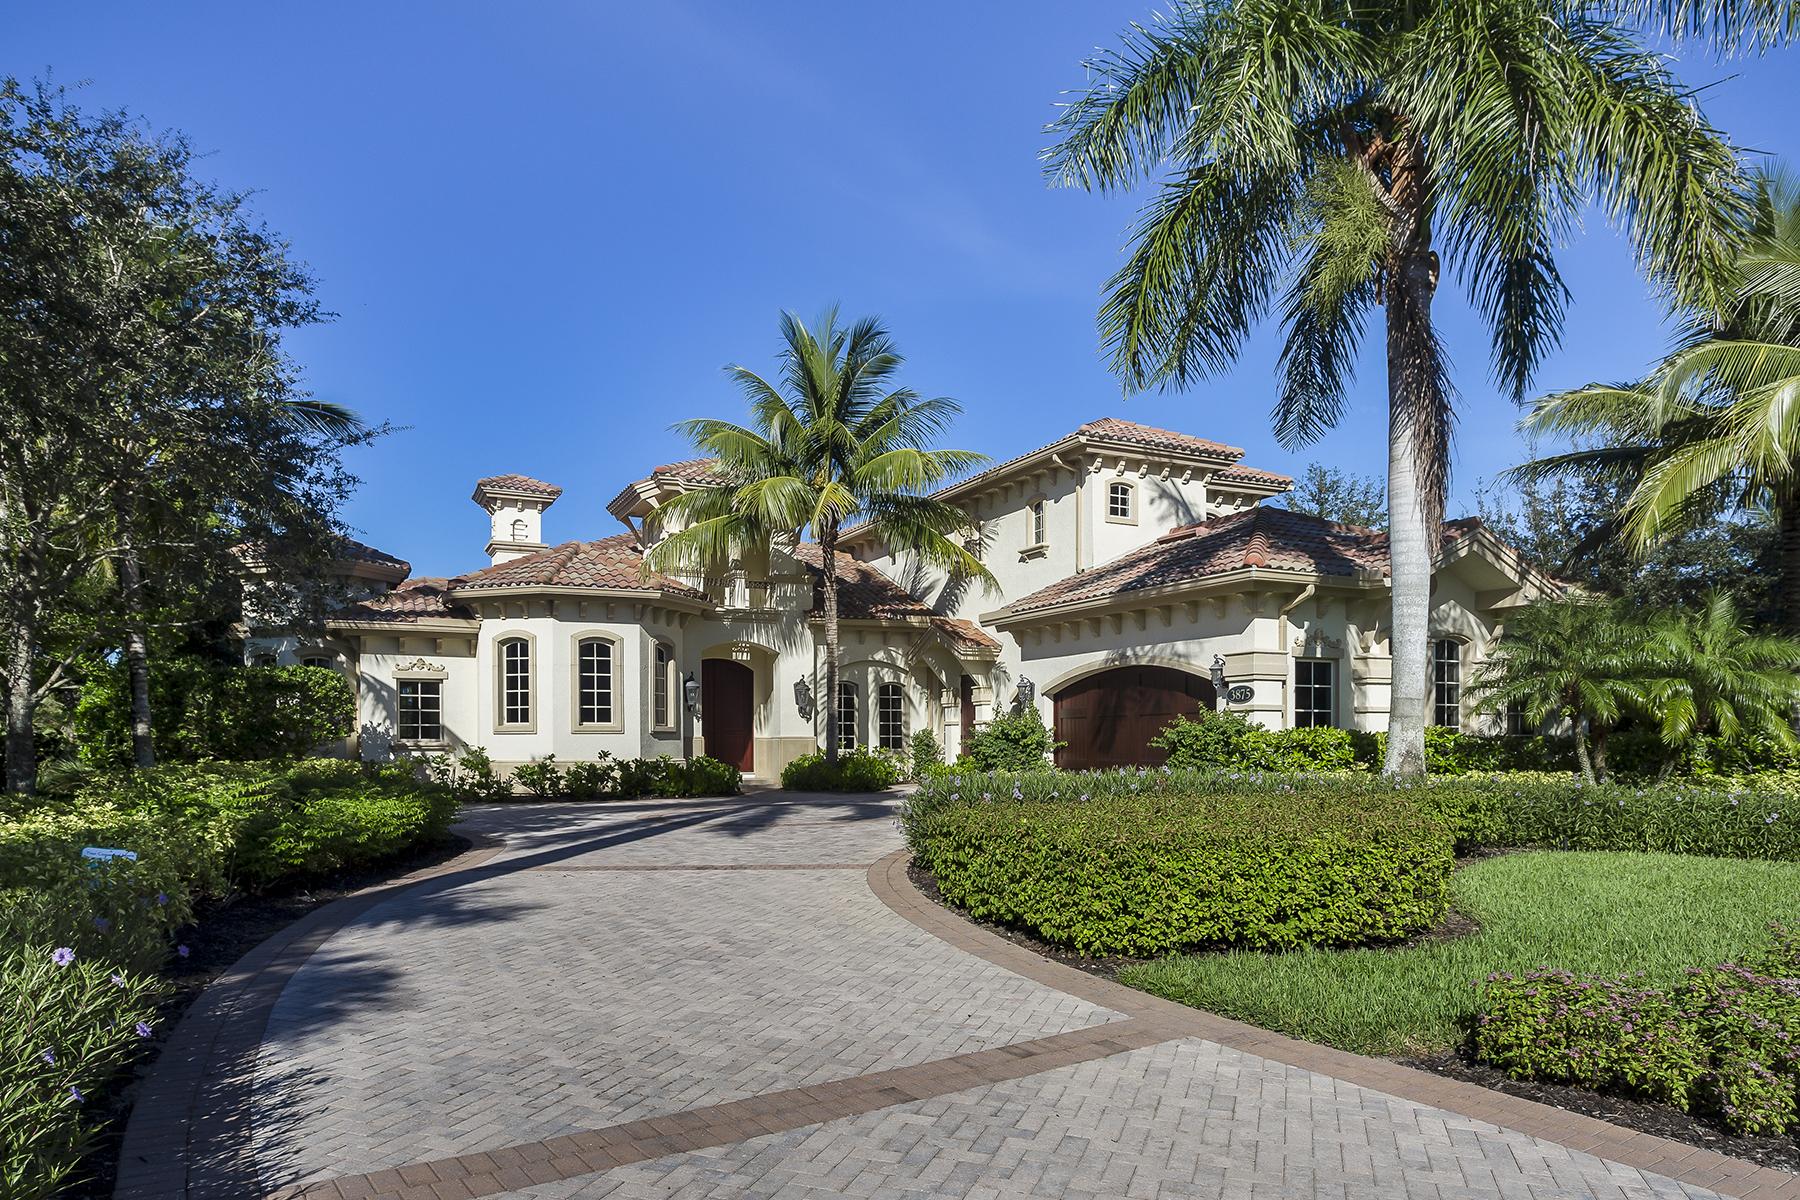 一戸建て のために 売買 アット 3875 Isla Del Sol Way , Naples, FL 34114 3875 Isla Del Sol Way Naples, フロリダ, 34114 アメリカ合衆国